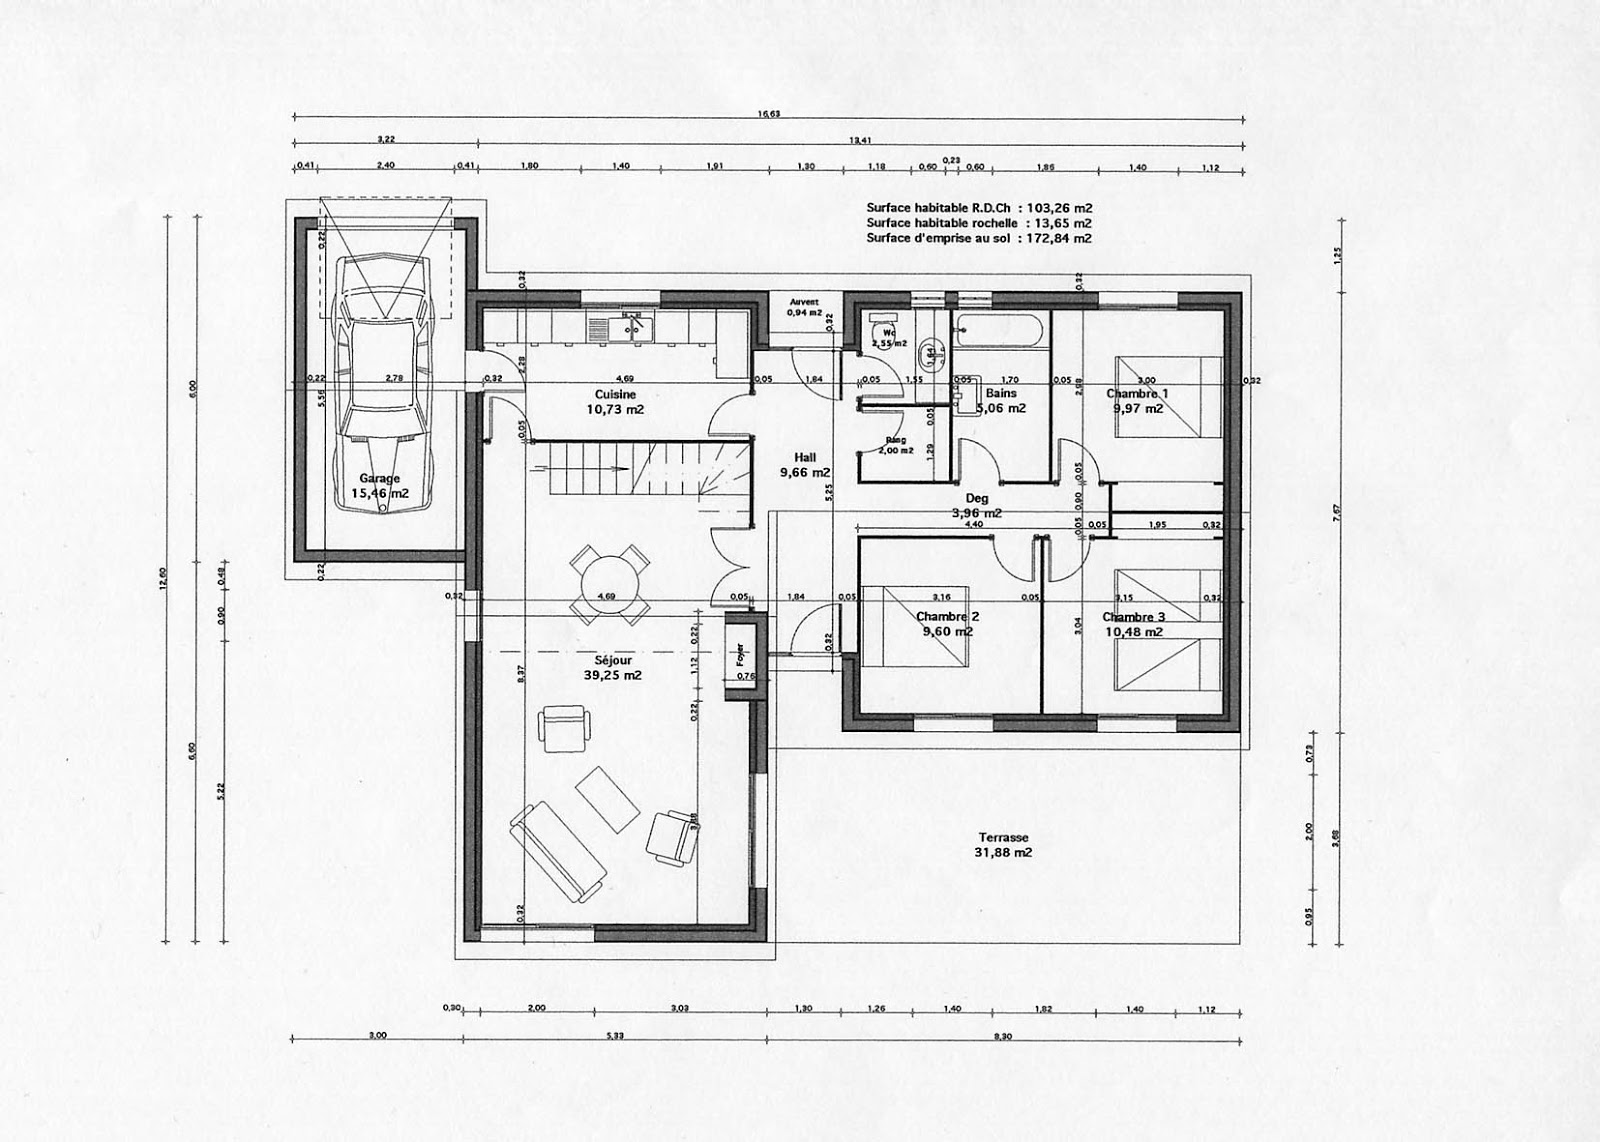 Maison moderne de luxe interieur for Plan maison tropicale gratuit